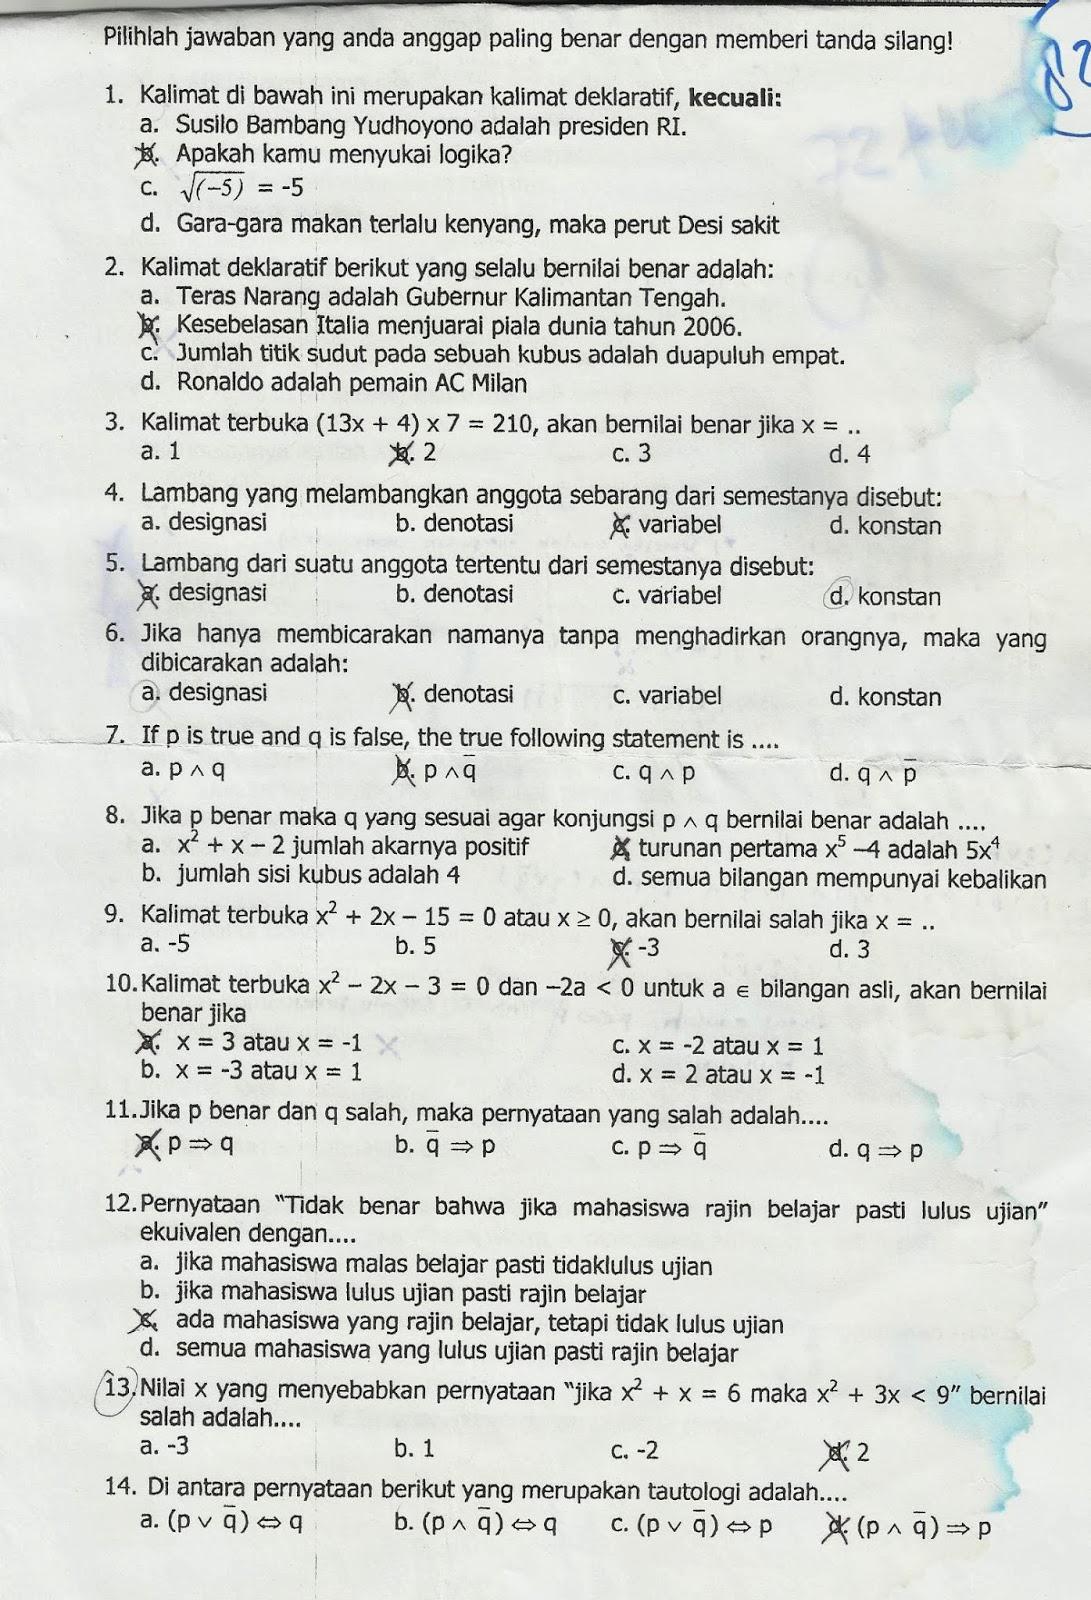 Soal Ujian Tengah Semester Mata Kuliah Pengantar Dasar Matematika Heru Winarko